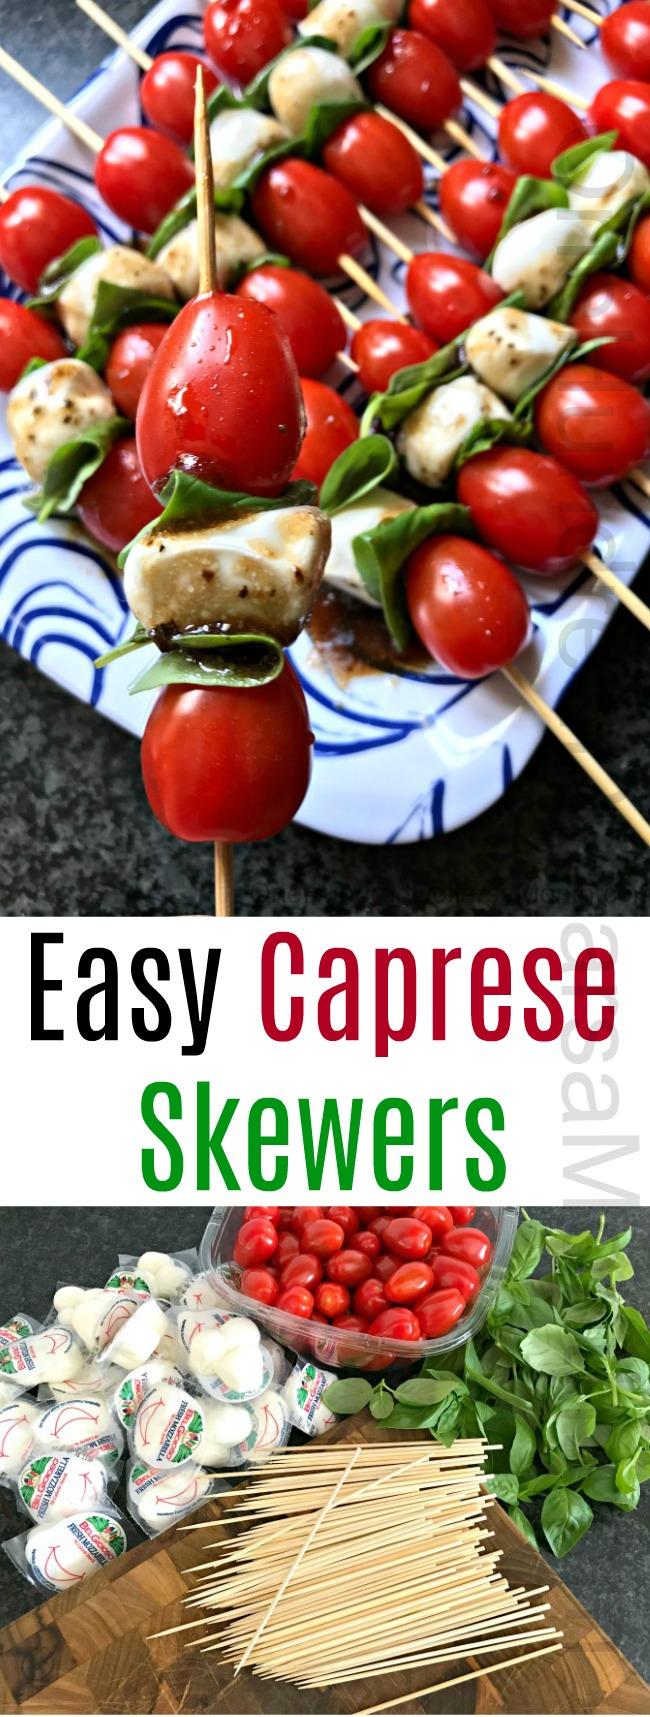 Easy Caprese Skewers